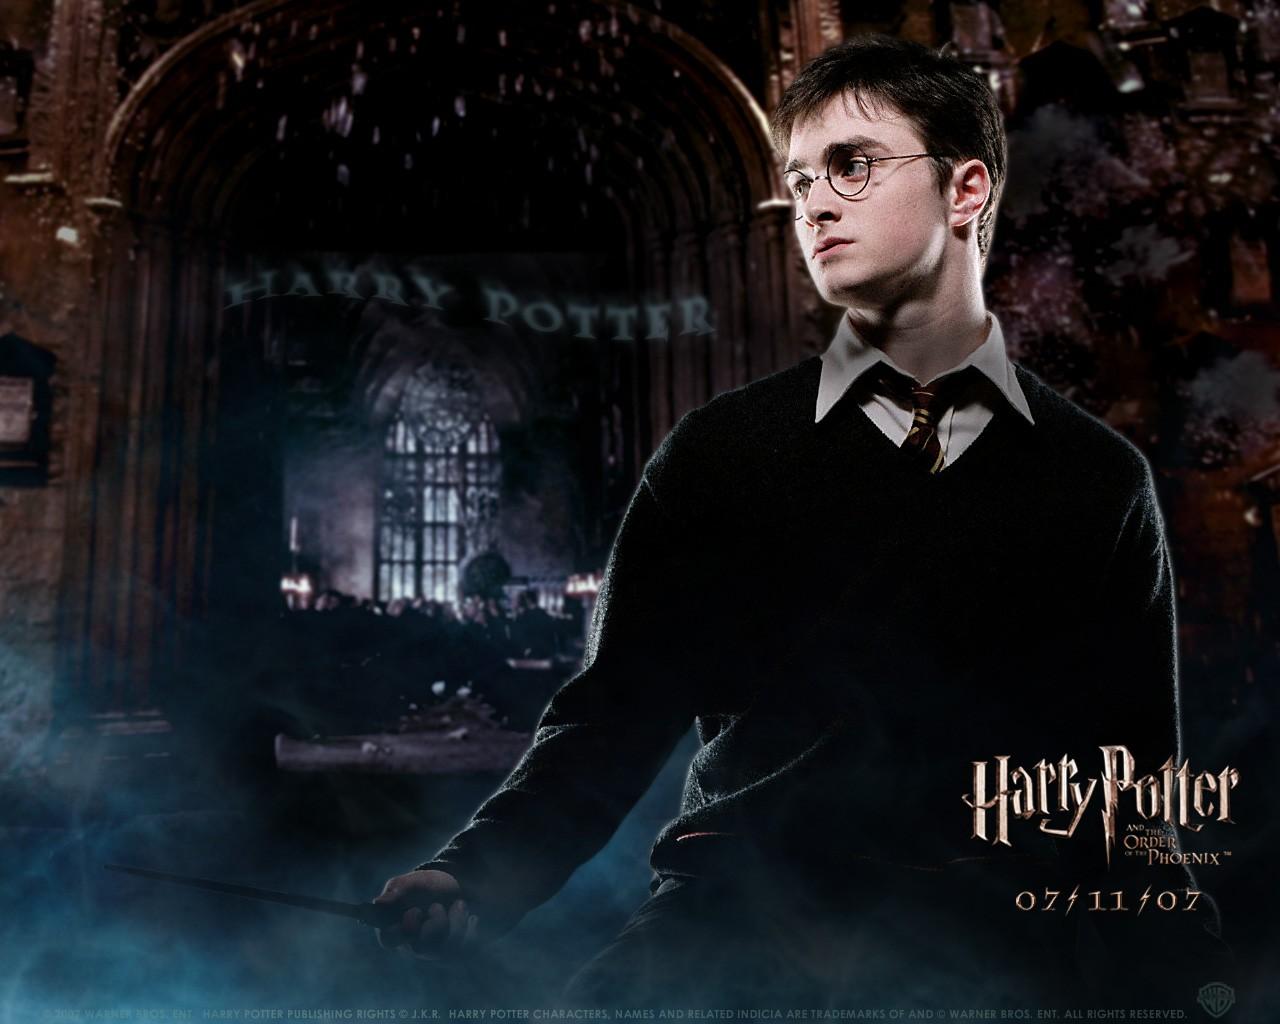 Un wallpaper di Daniel Radcliffe per il film Harry Potter e l'Ordine della Fenice